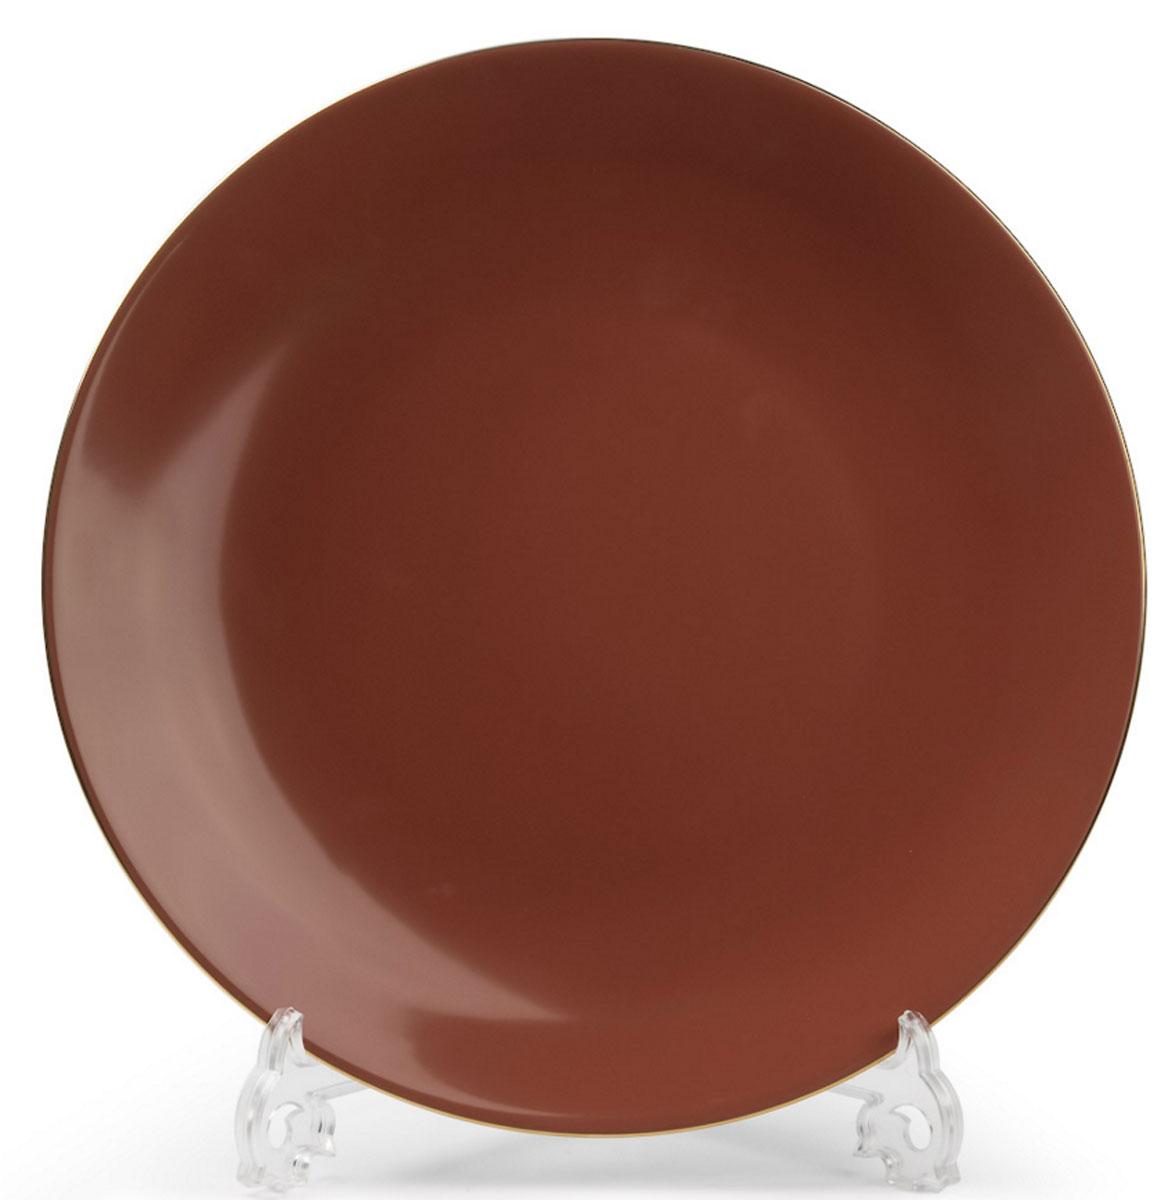 Monalisa 3126 набор тарелок 27 см*6 шт, цвет: мокко с золотом7 290 063 126В наборе тарелка 27 см 6 штук Материал: фарфор: цвет: мокко с золотом Серия: MONALISA